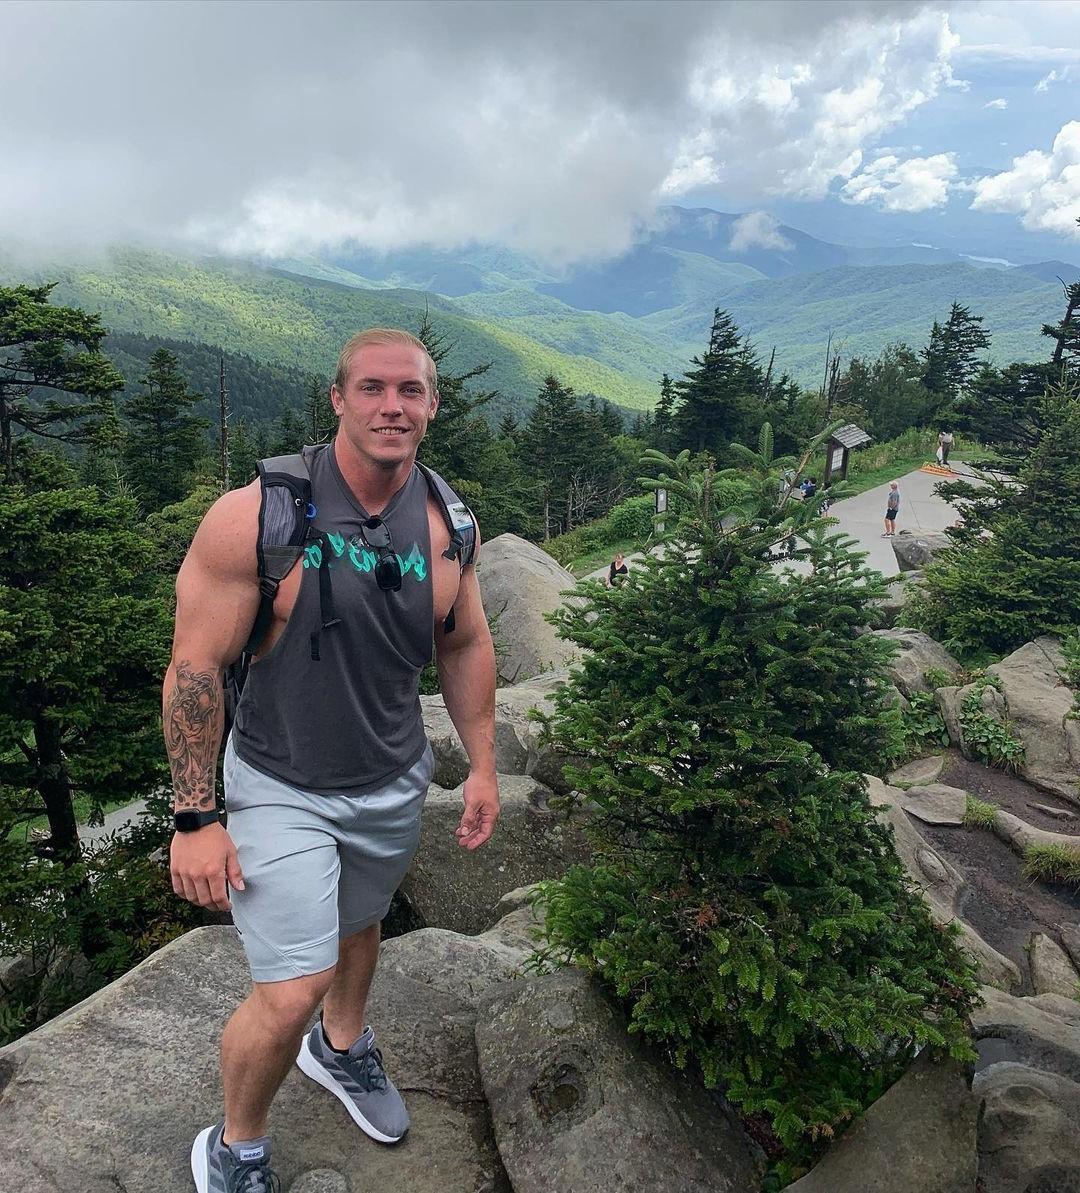 huge-muscular-blond-hunk-tyler-oberholtzer-mountain-climbing-male-nip-slip-arm-tattoo-beefcake